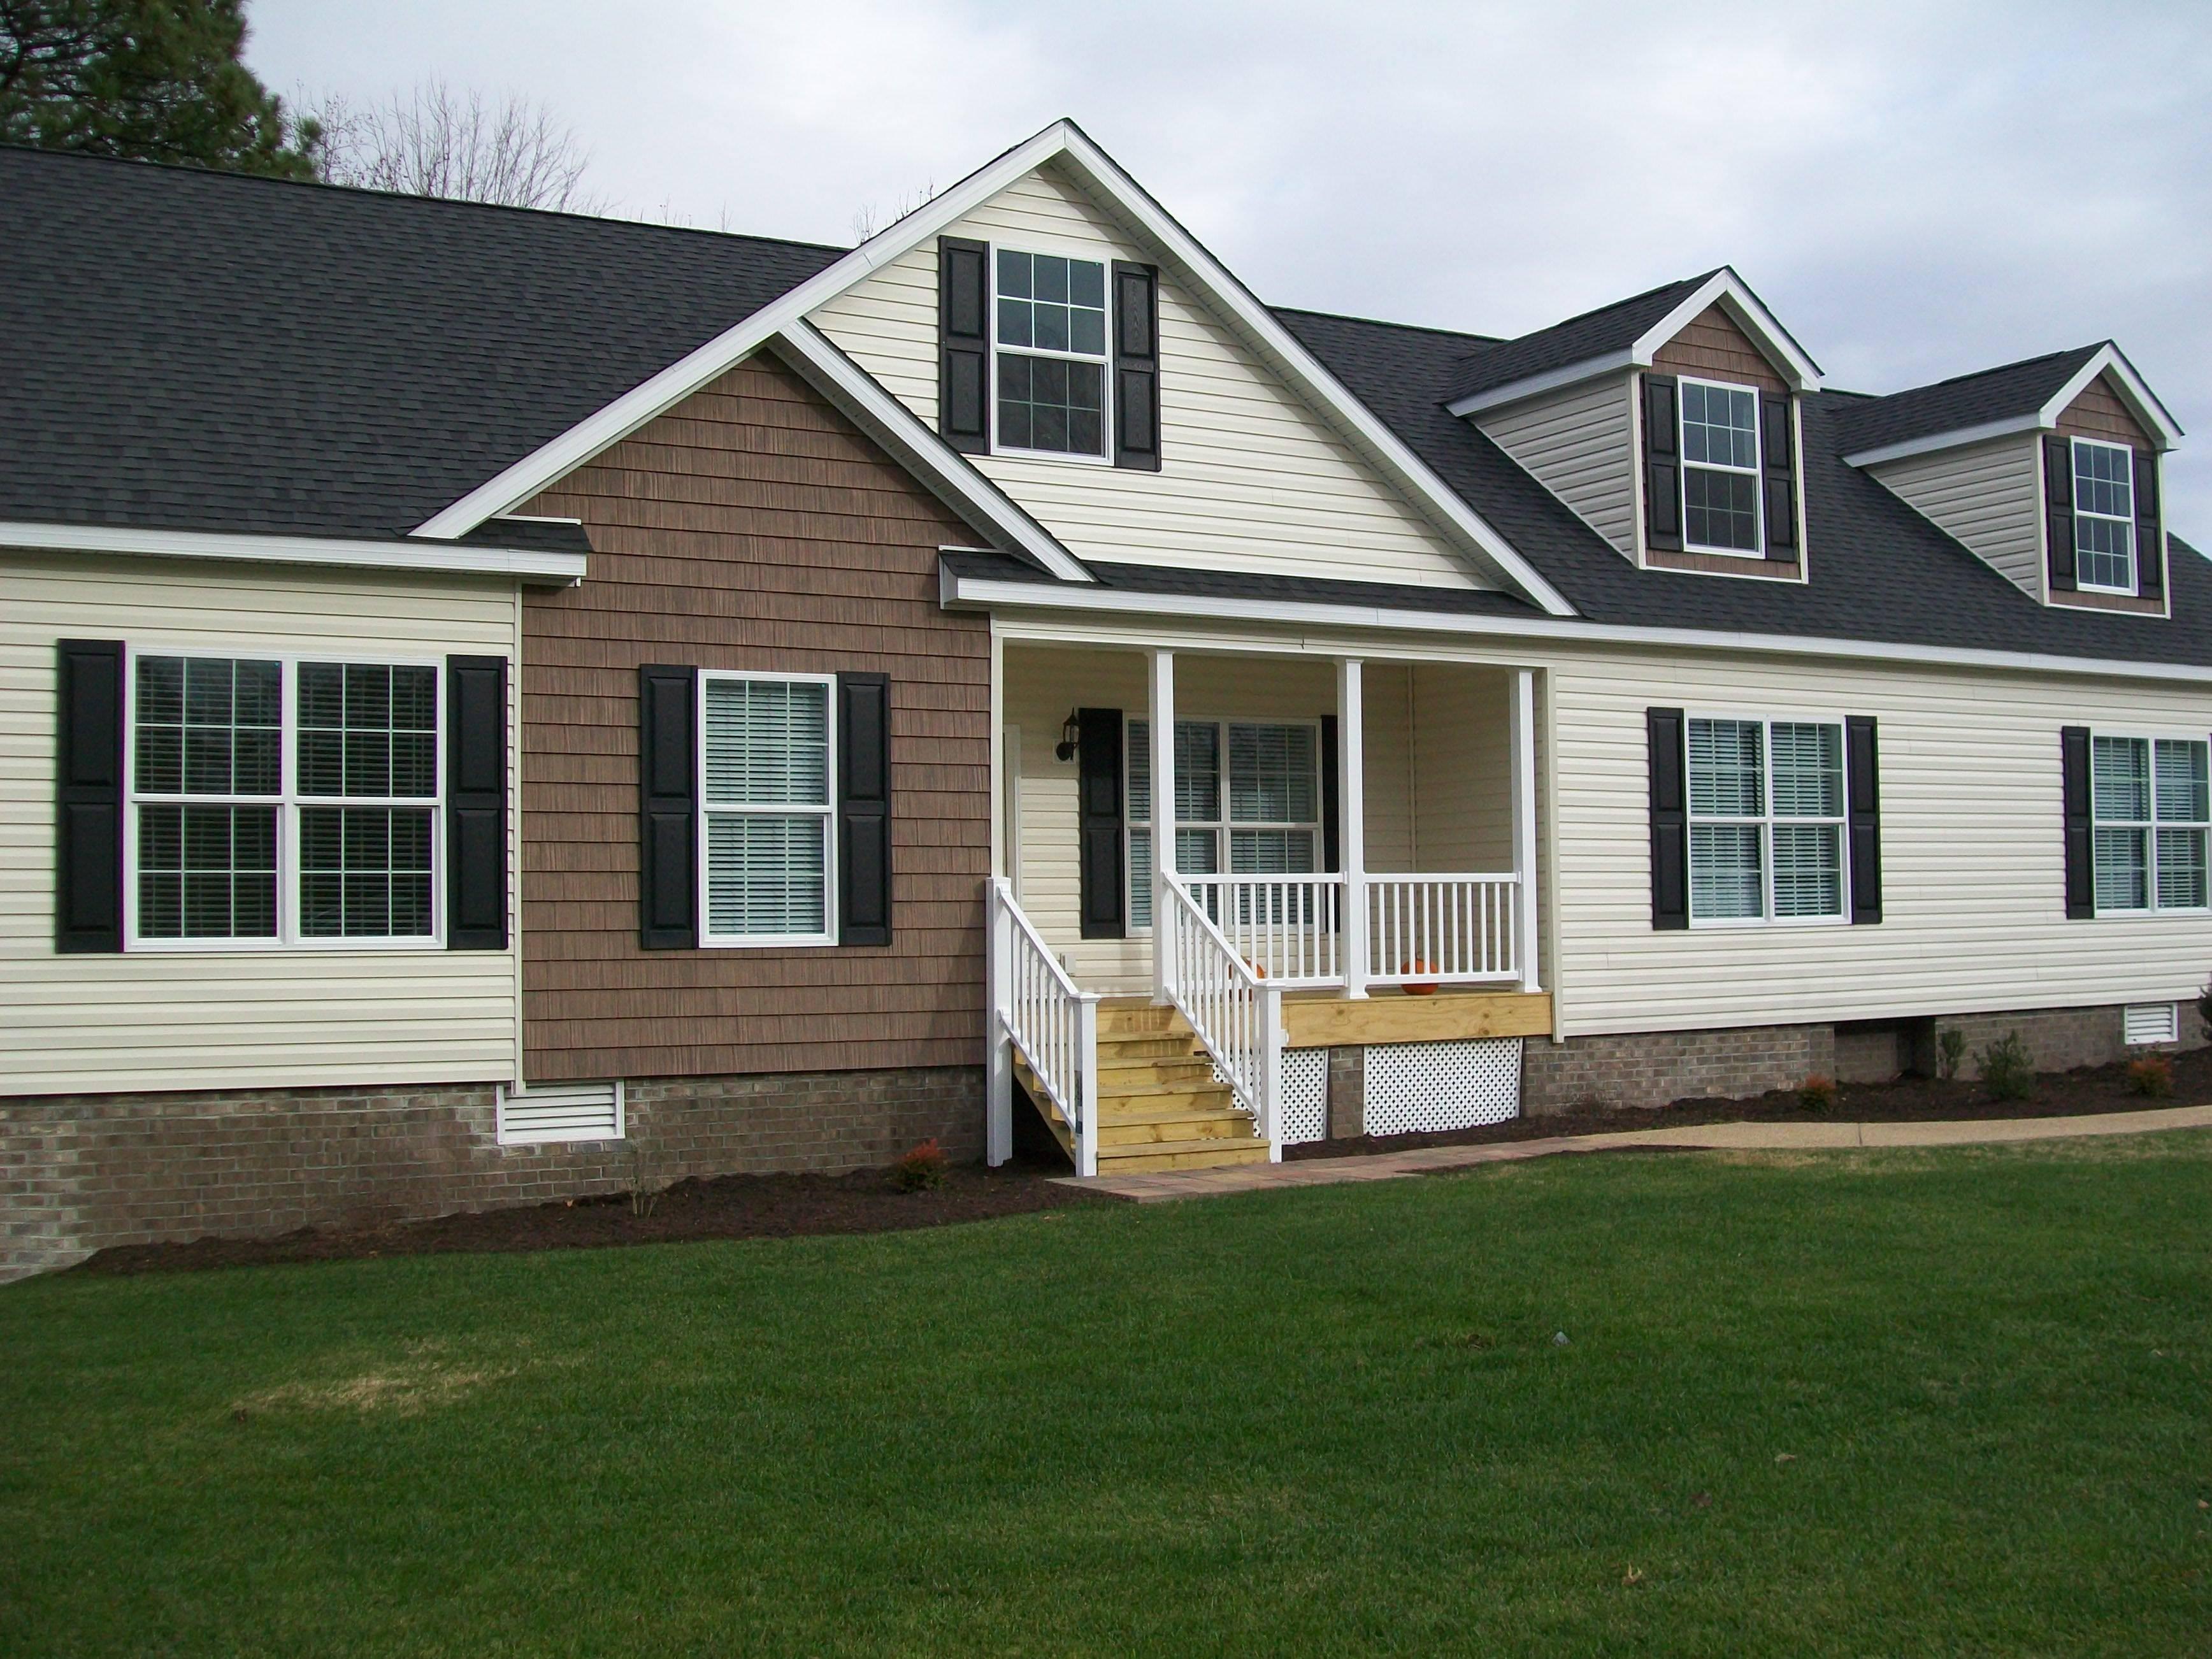 Home Clayton Homes Ashland Kaf Mobile